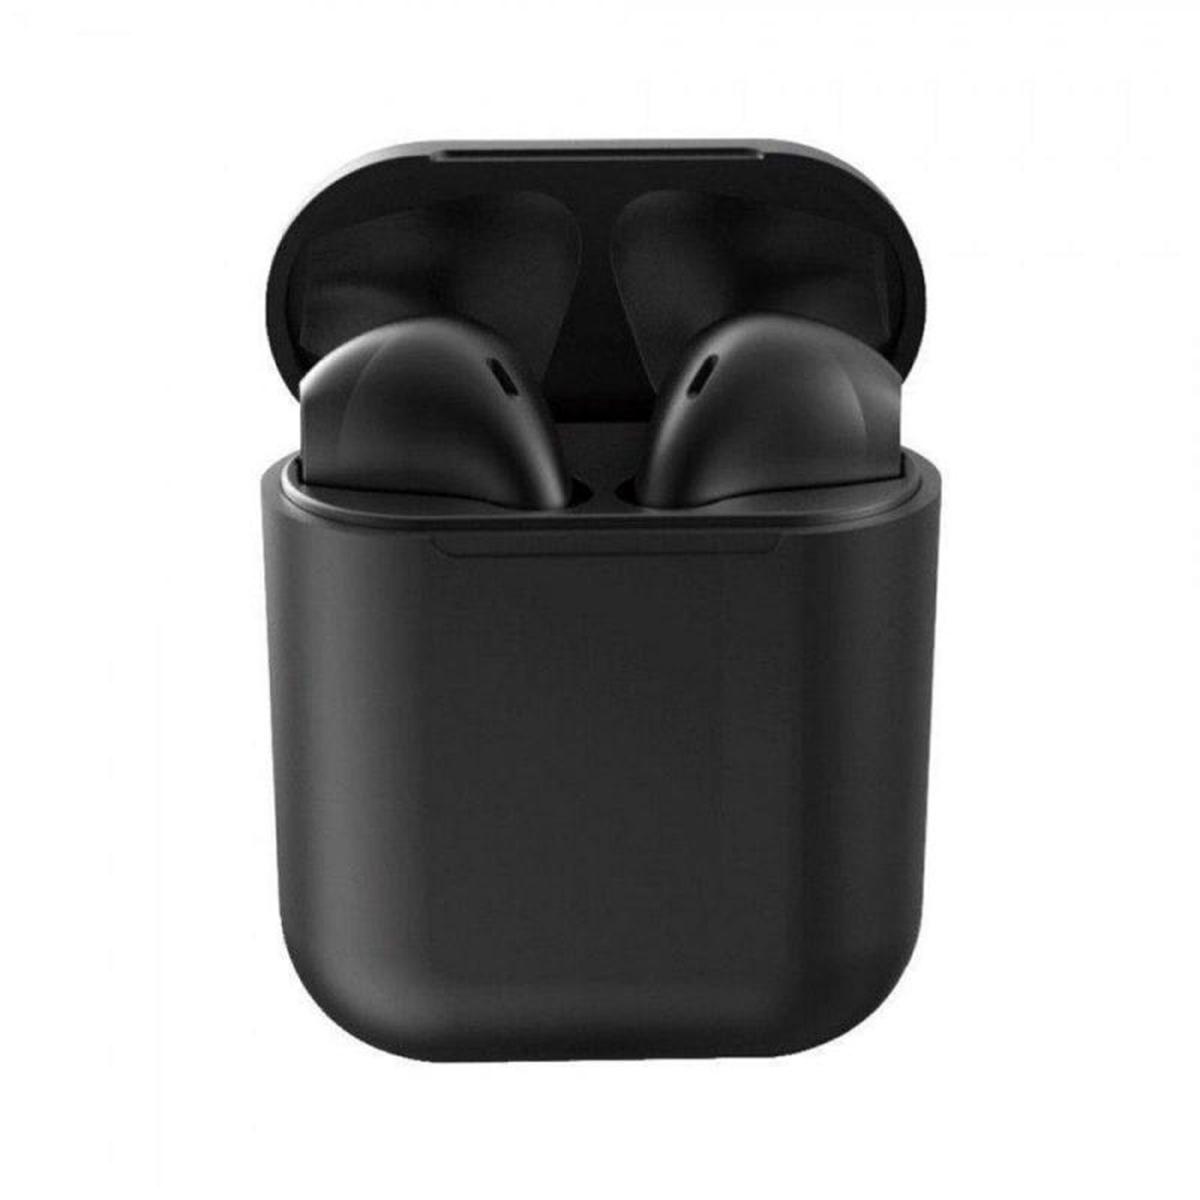 Fone de Ouvido sem fio Bluetooth inPods i12 TWS